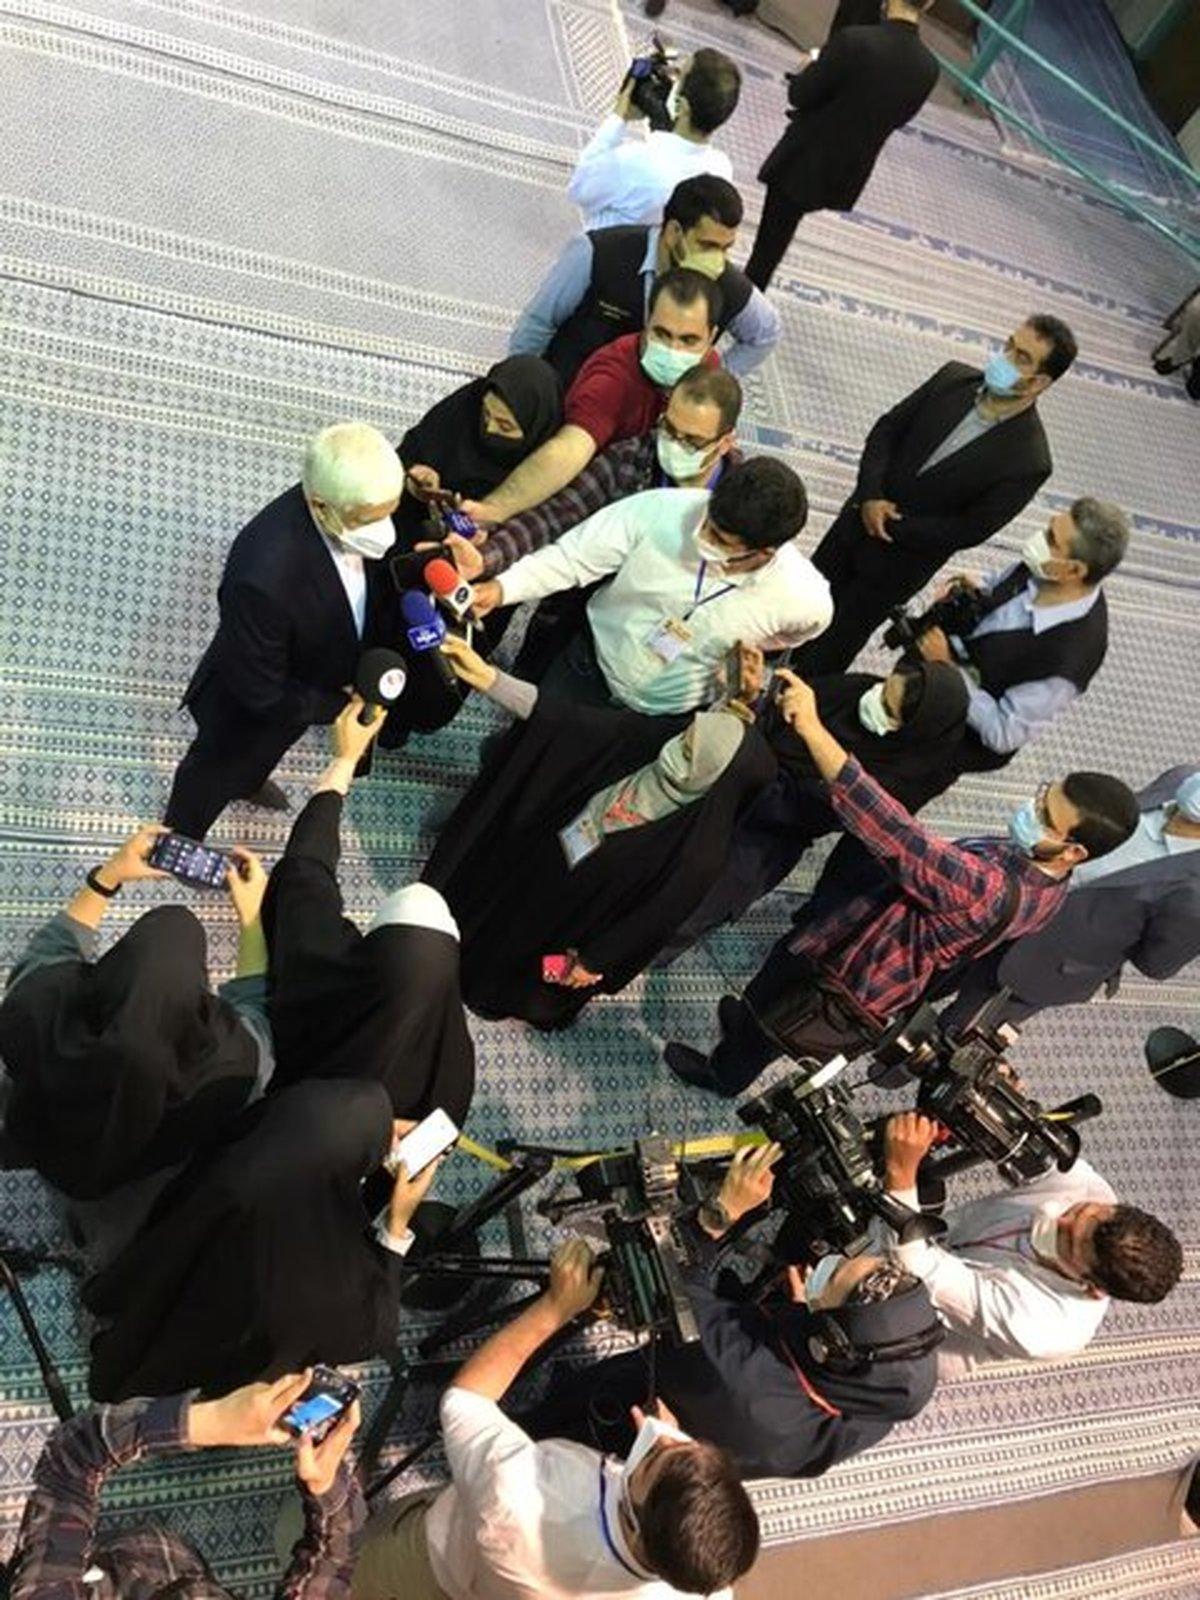 عارف: مردم علیرغم گلایه ها، حضورشان را نشان دهند